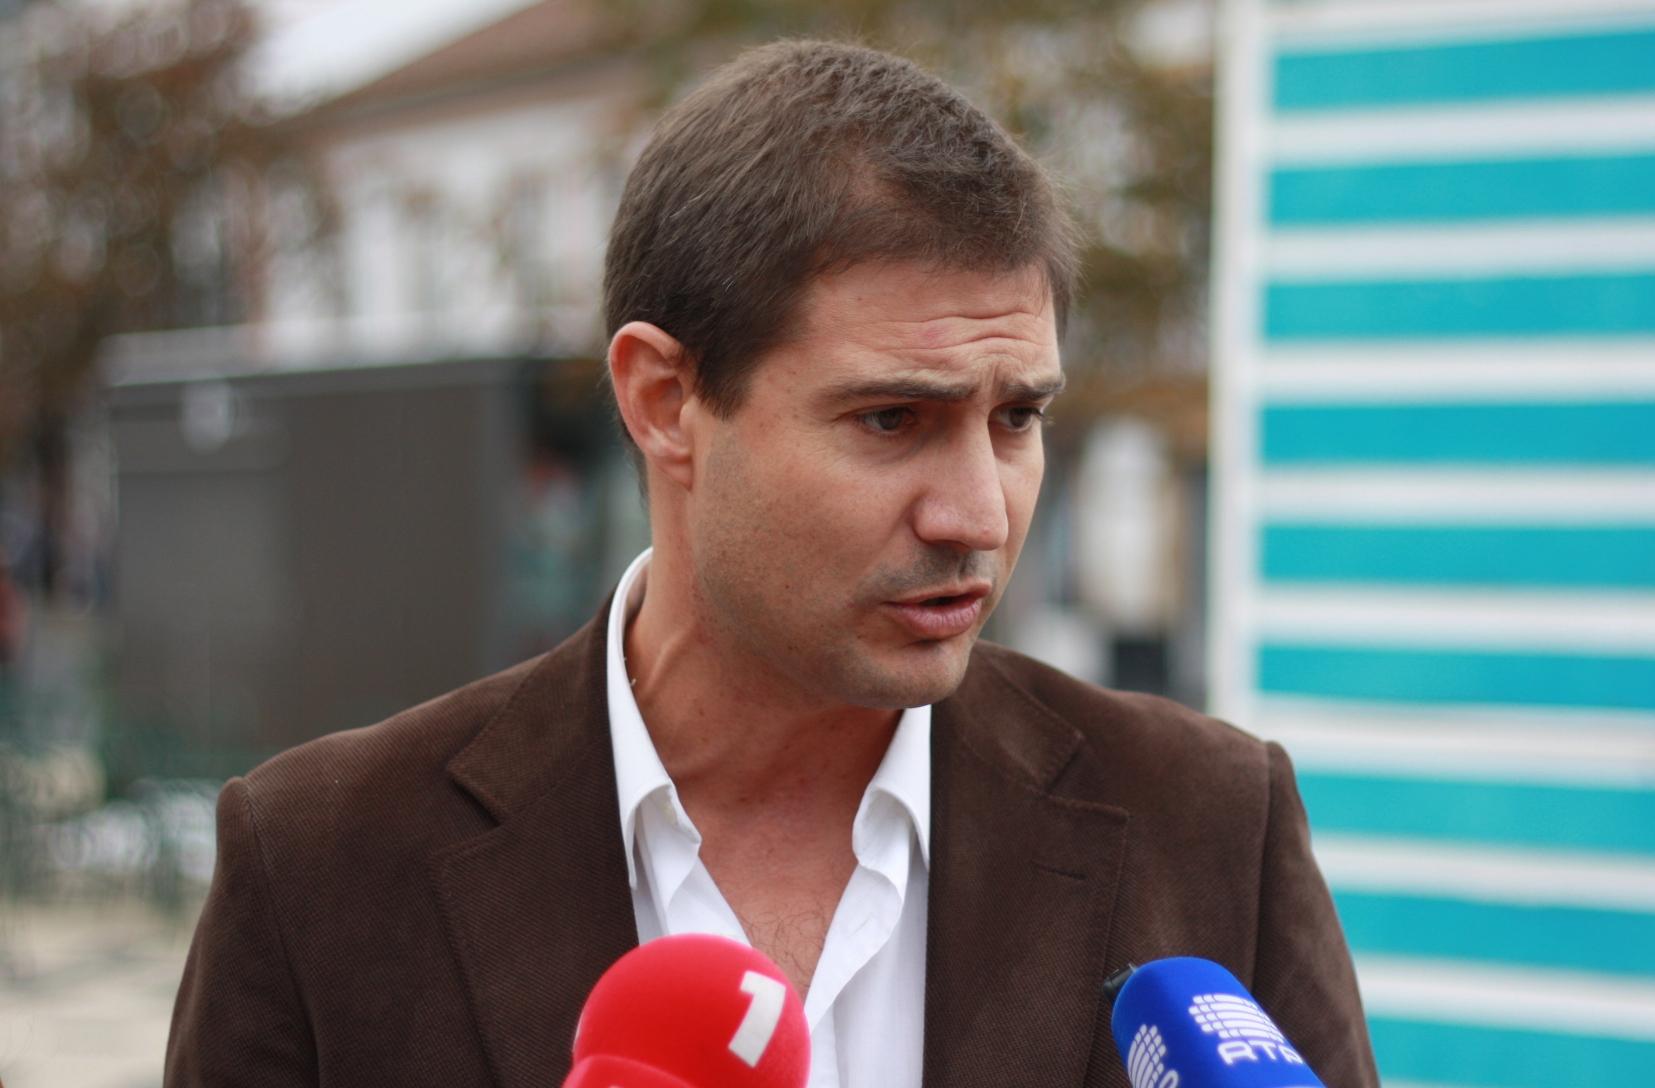 O PS não quer boas notícias para a Terceira, acusa Luís Rendeiro